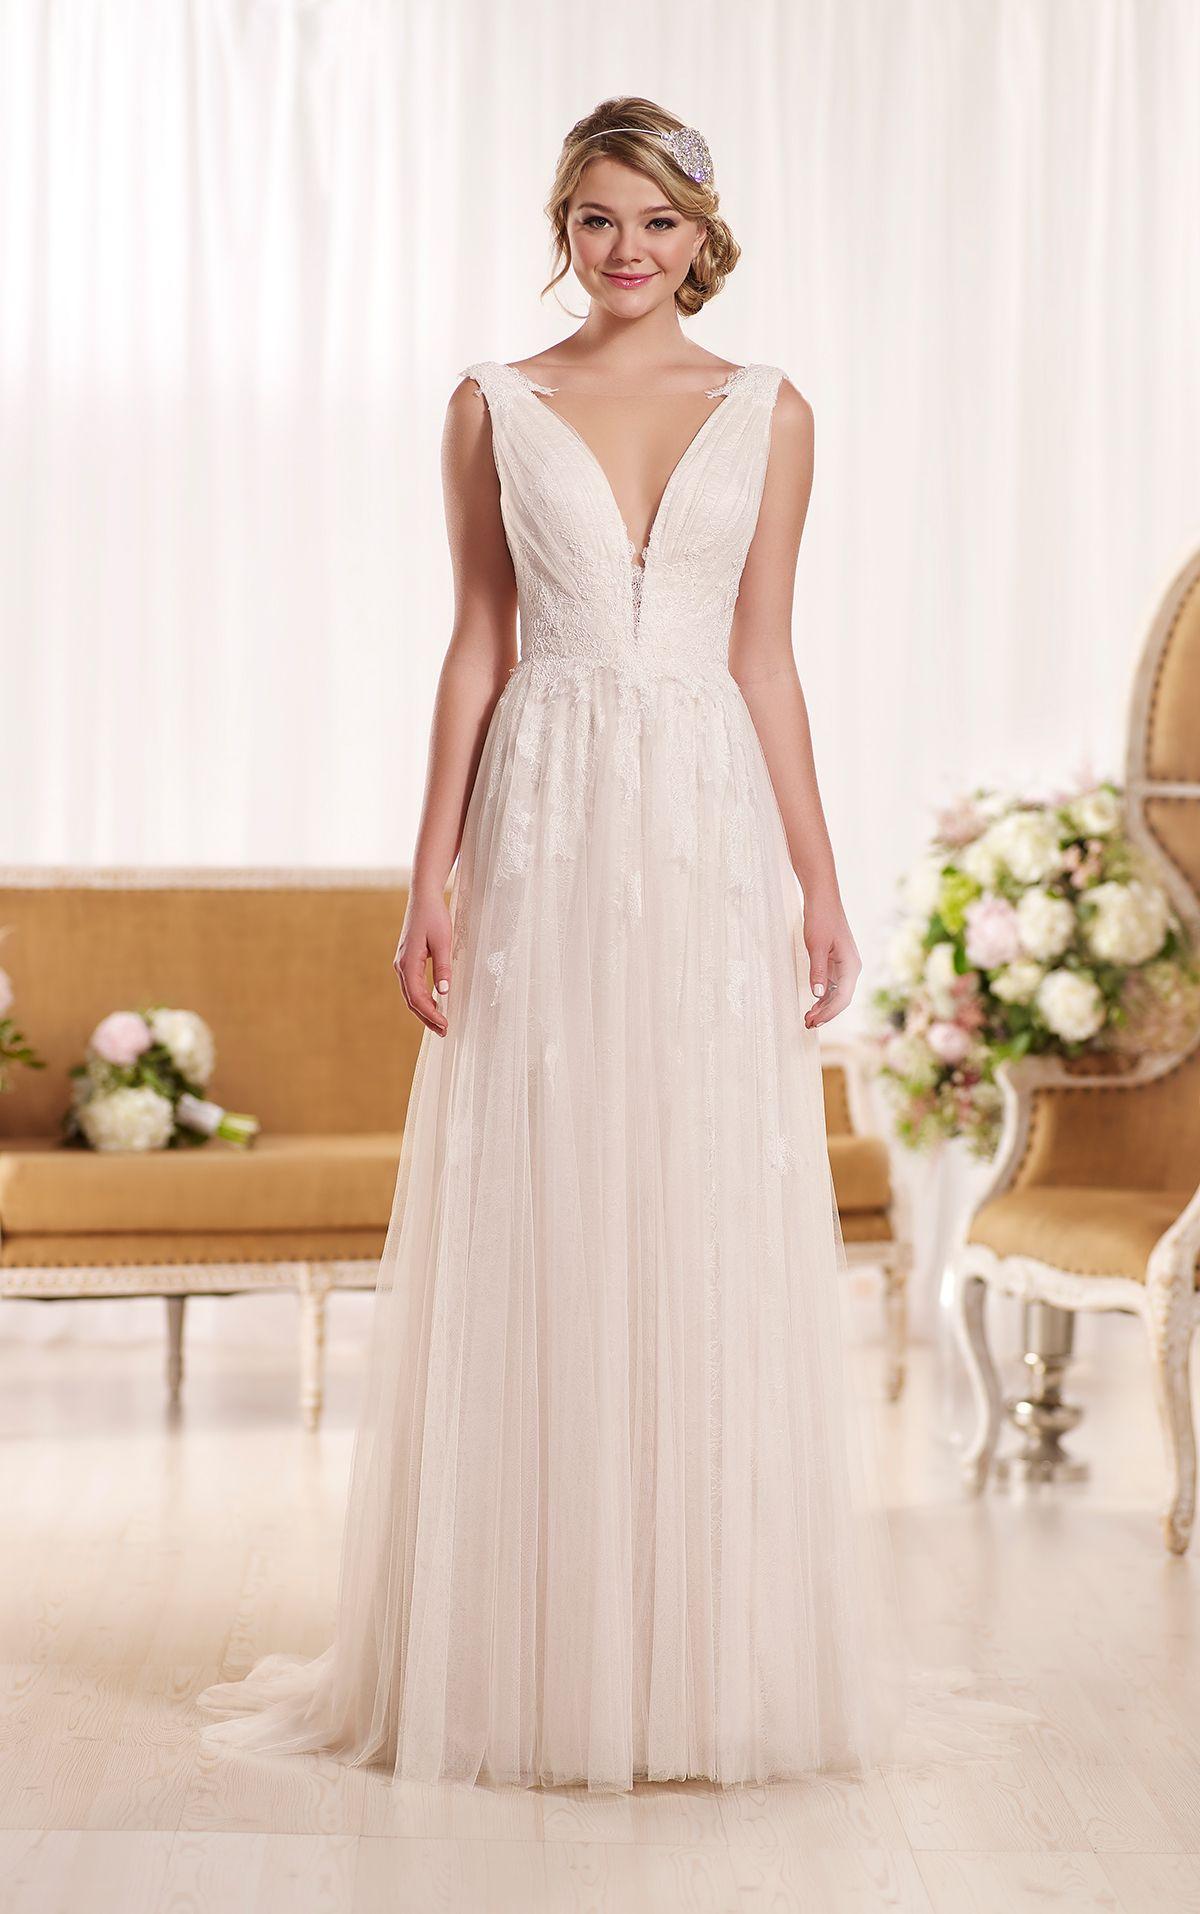 Brautkleid aus Vintage-Spitze | Sanduhr figur, Vintage inspiriert ...